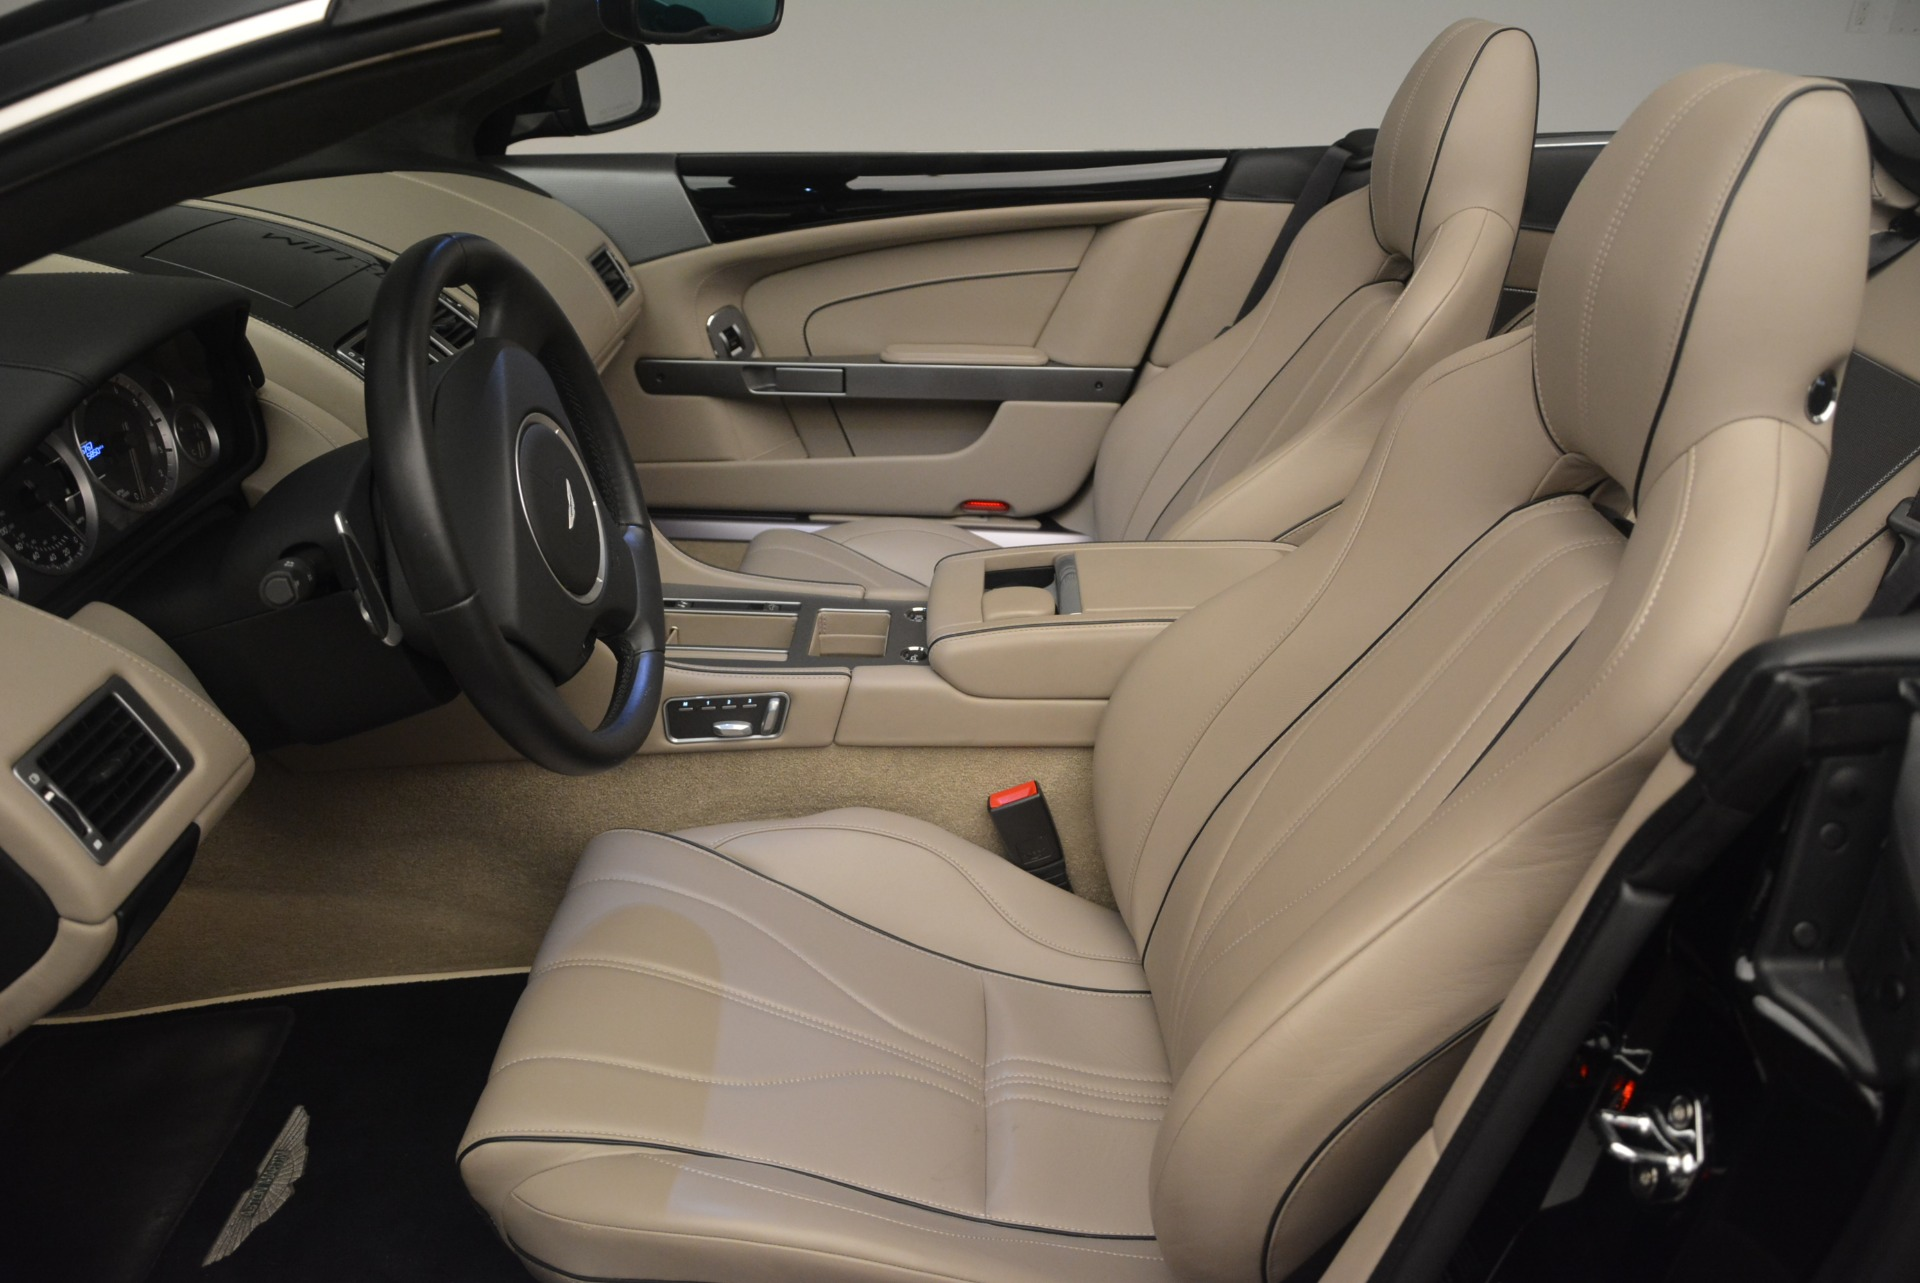 Used 2015 Aston Martin DB9 Volante For Sale In Greenwich, CT 2318_p19